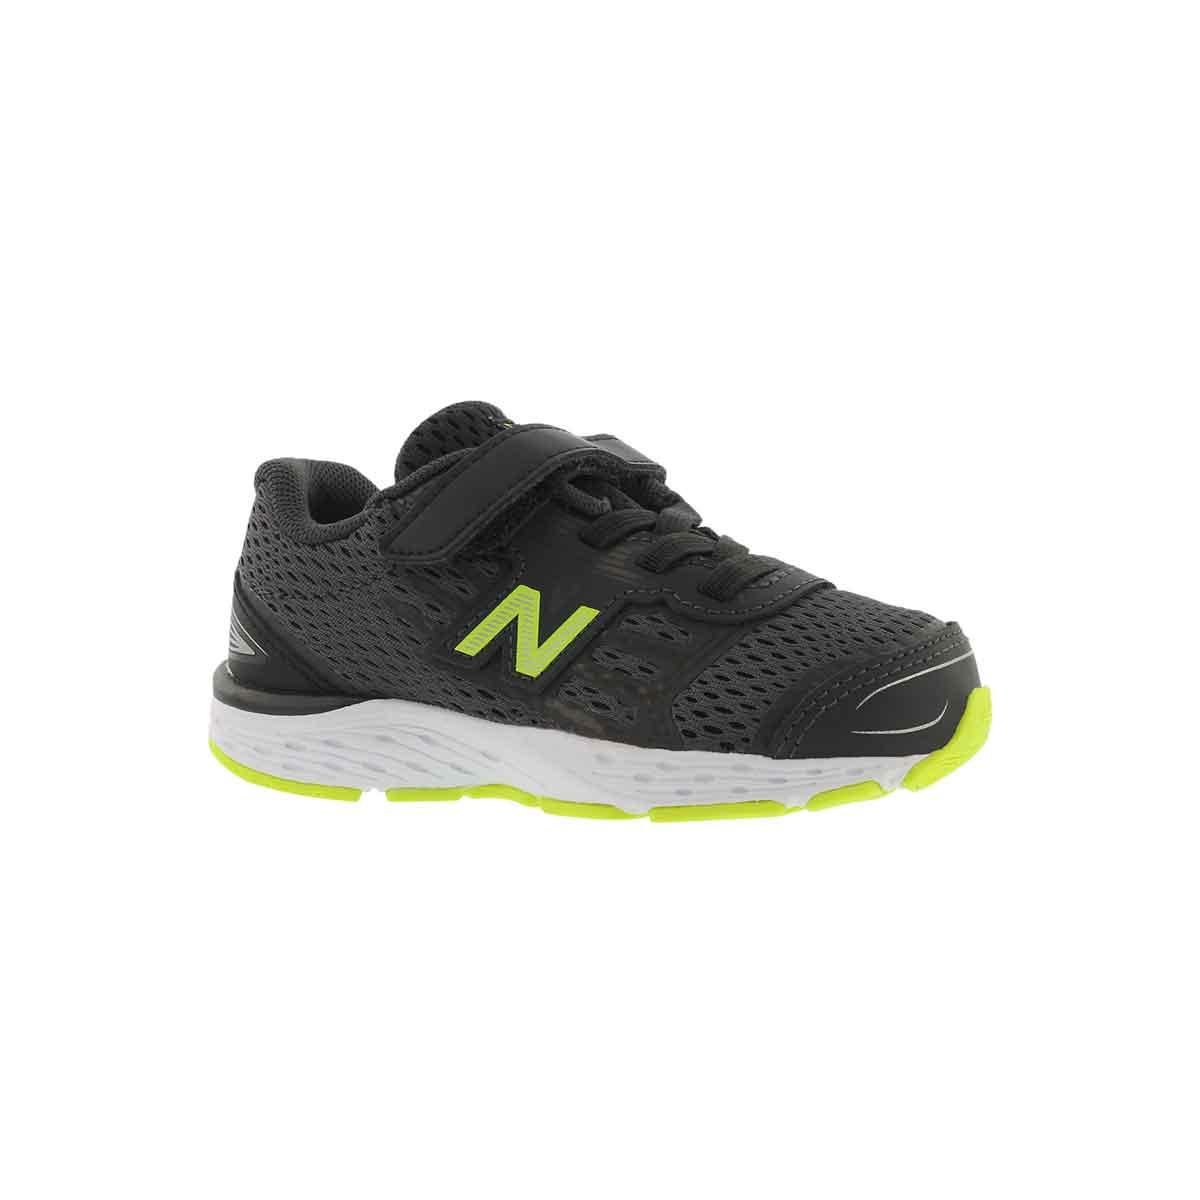 Infants' 680v5 magnet/hilite sneakers - Wide